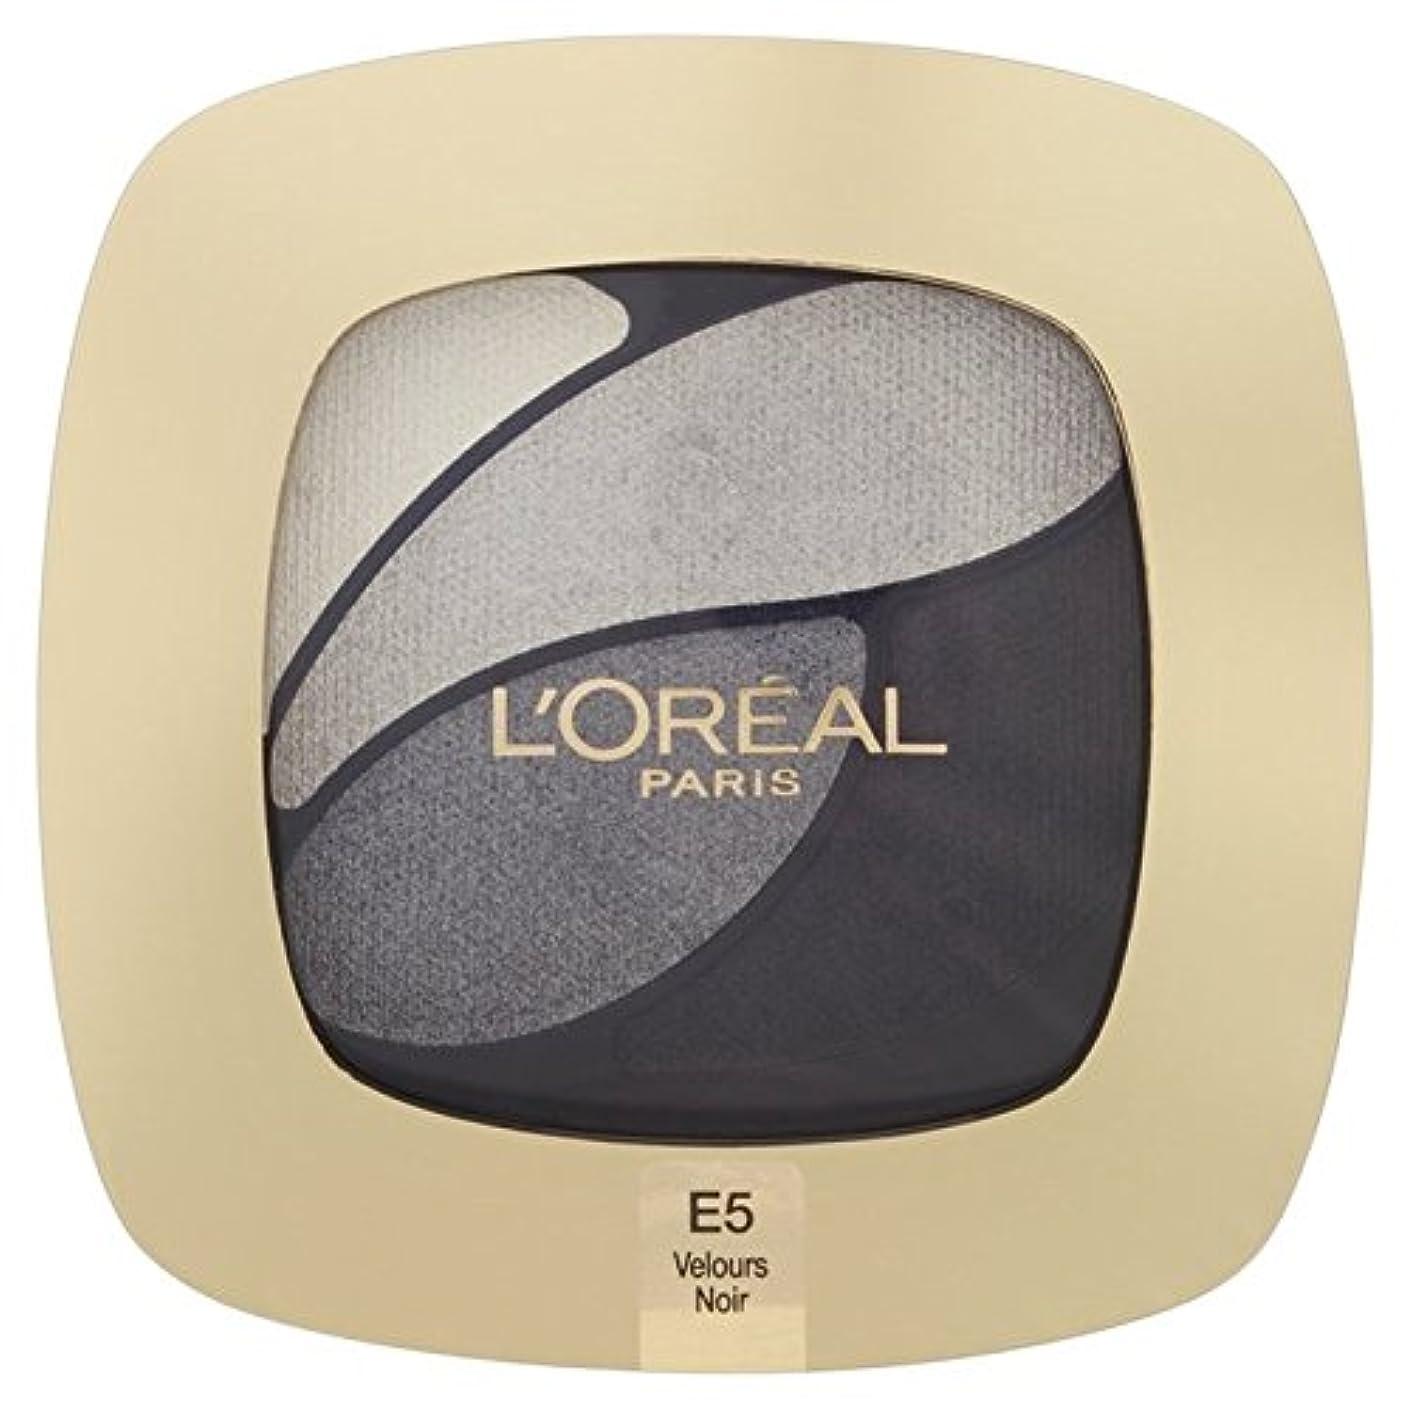 マイナーバレエ強いますL'Oreal Paris Color Riche Quad, E5 Incredible Grey 30g - ロレアルパリのカラーリッシュクワッド、5信じられないほどの灰色の30グラム [並行輸入品]